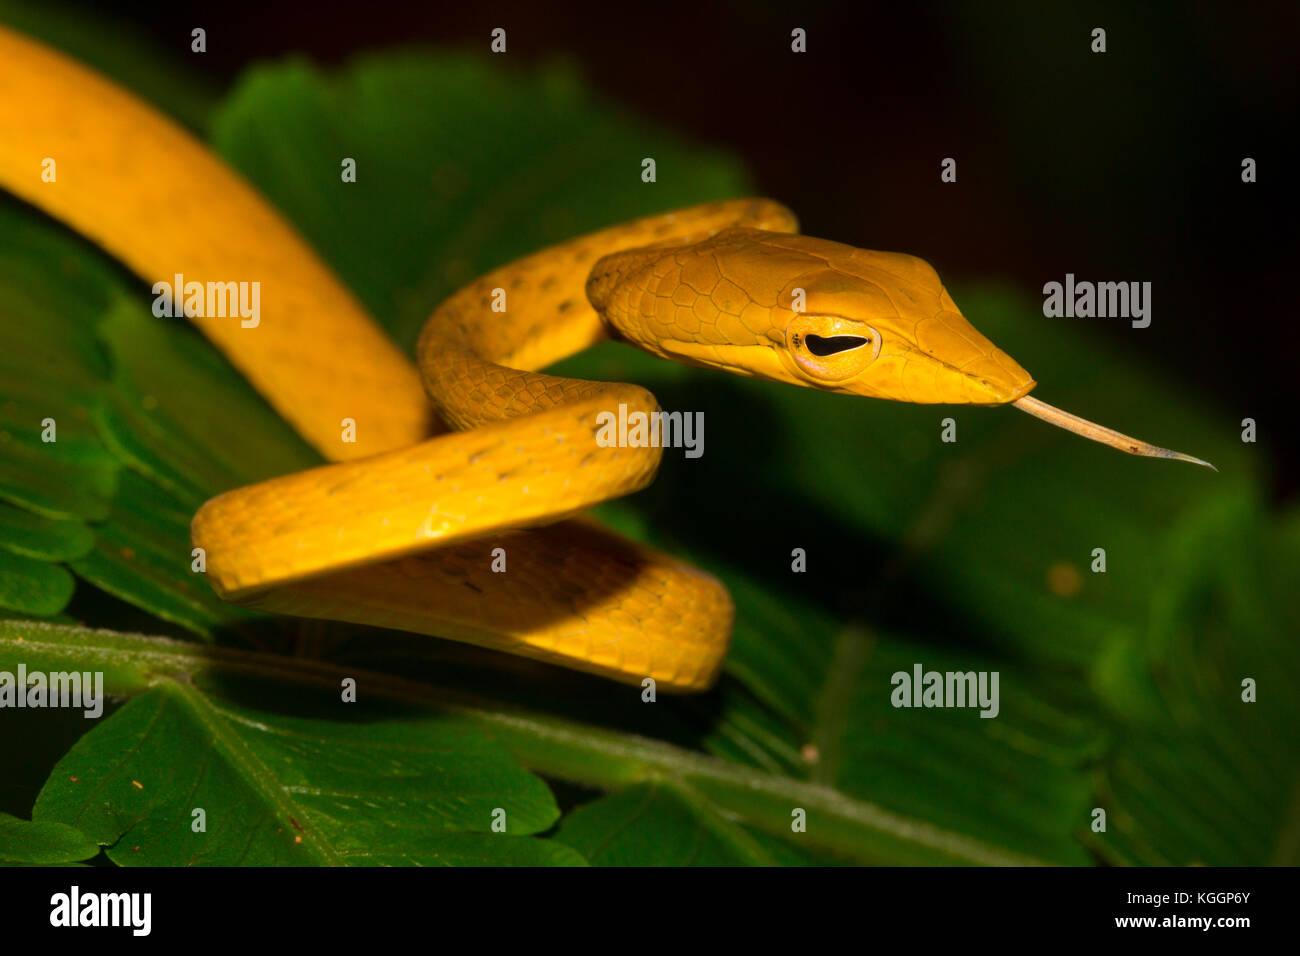 Ahaetulla prasina (Oriental whipsnake, asiatische Weinstock Schlange, Jade Vine Schlange) ist schlank, slighttly giftige Schlange leben auf Bäumen. np Gunung Mulu, Borneo. Stockfoto